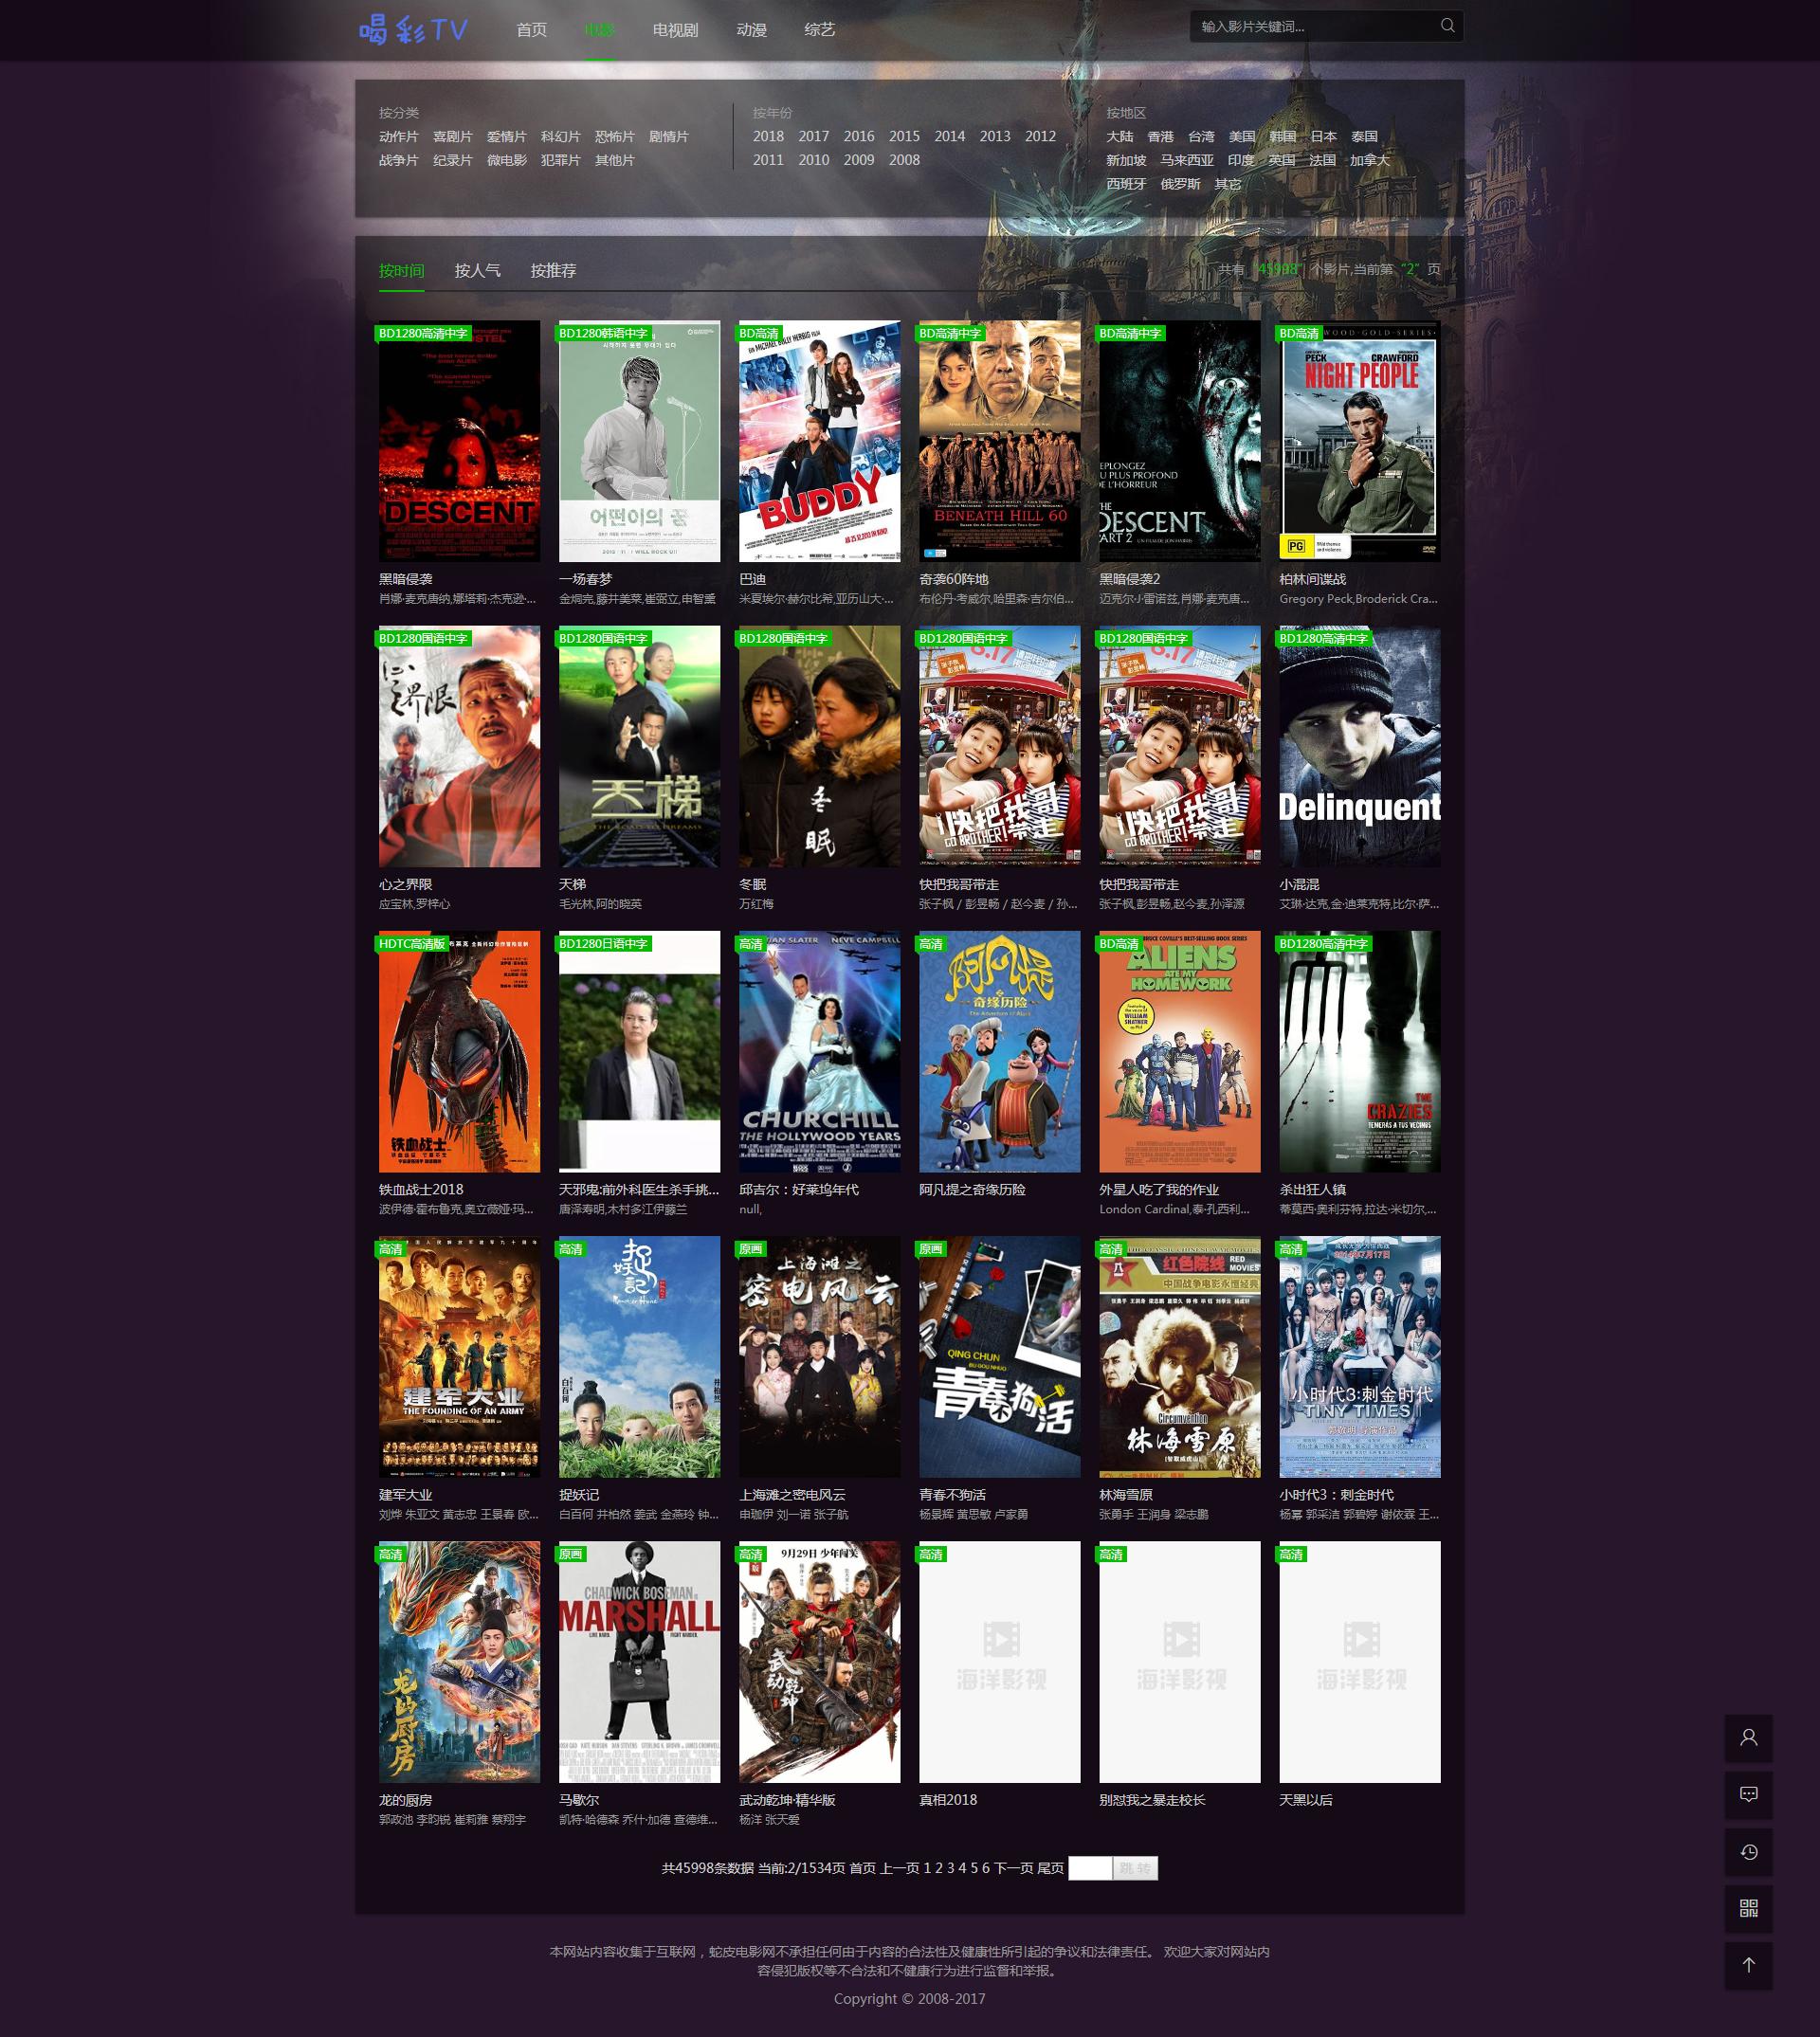 电影在线观看-蛇皮电影网.png